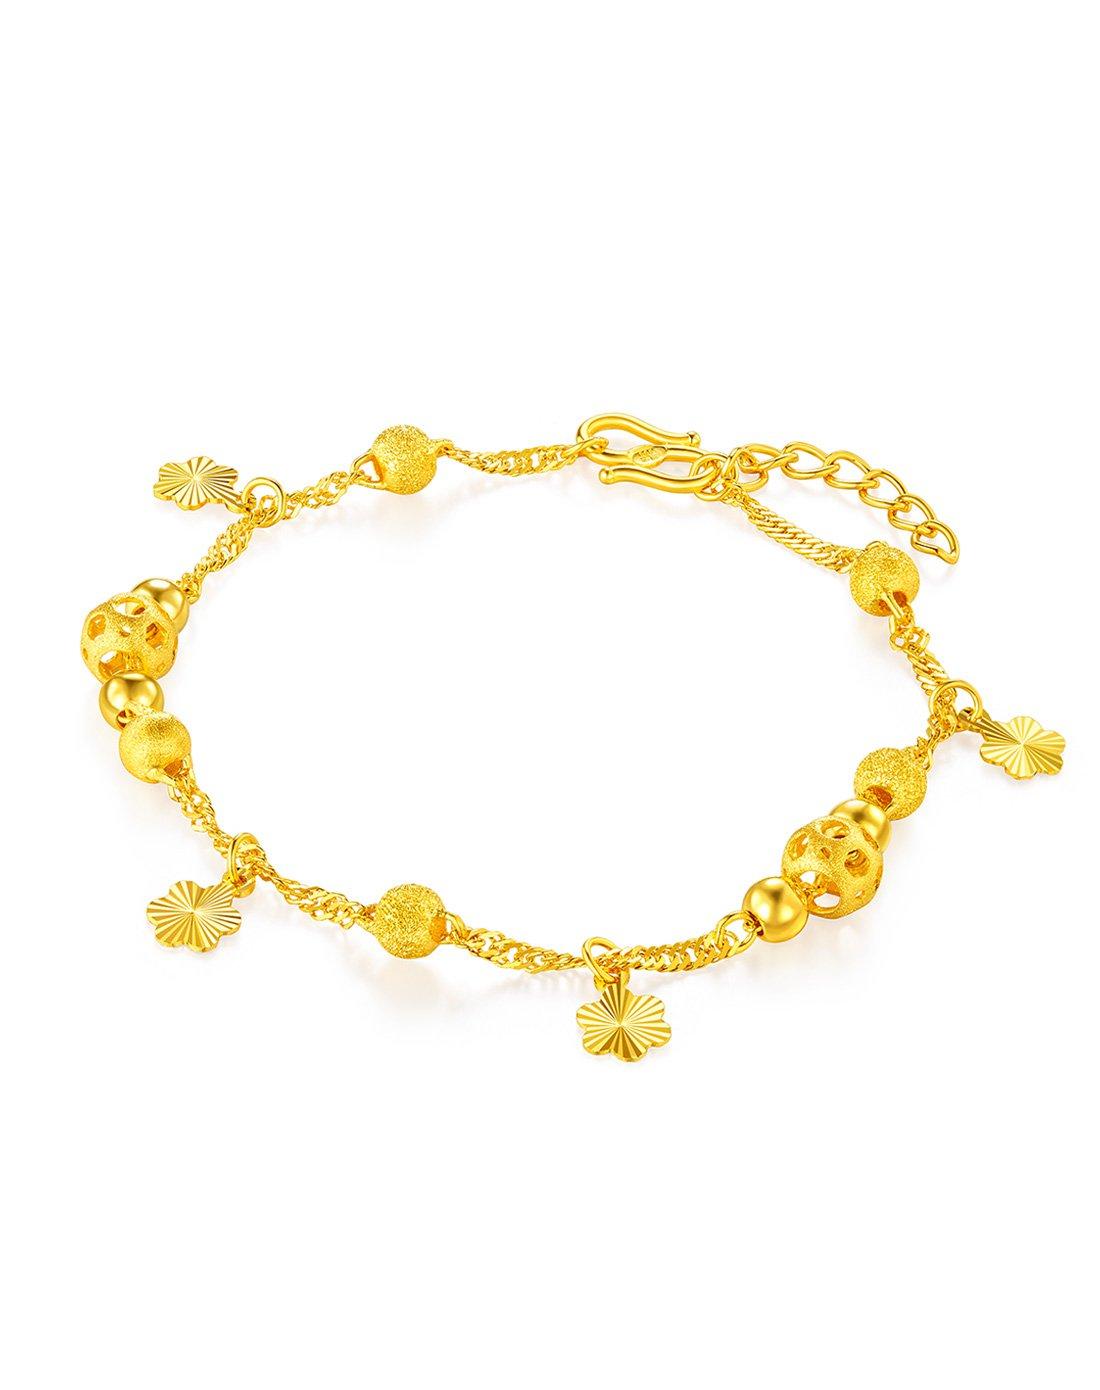 六福珠宝六福珠宝黄金手链金色梦幻女款足金手链含延长链计价L04TBGB0003